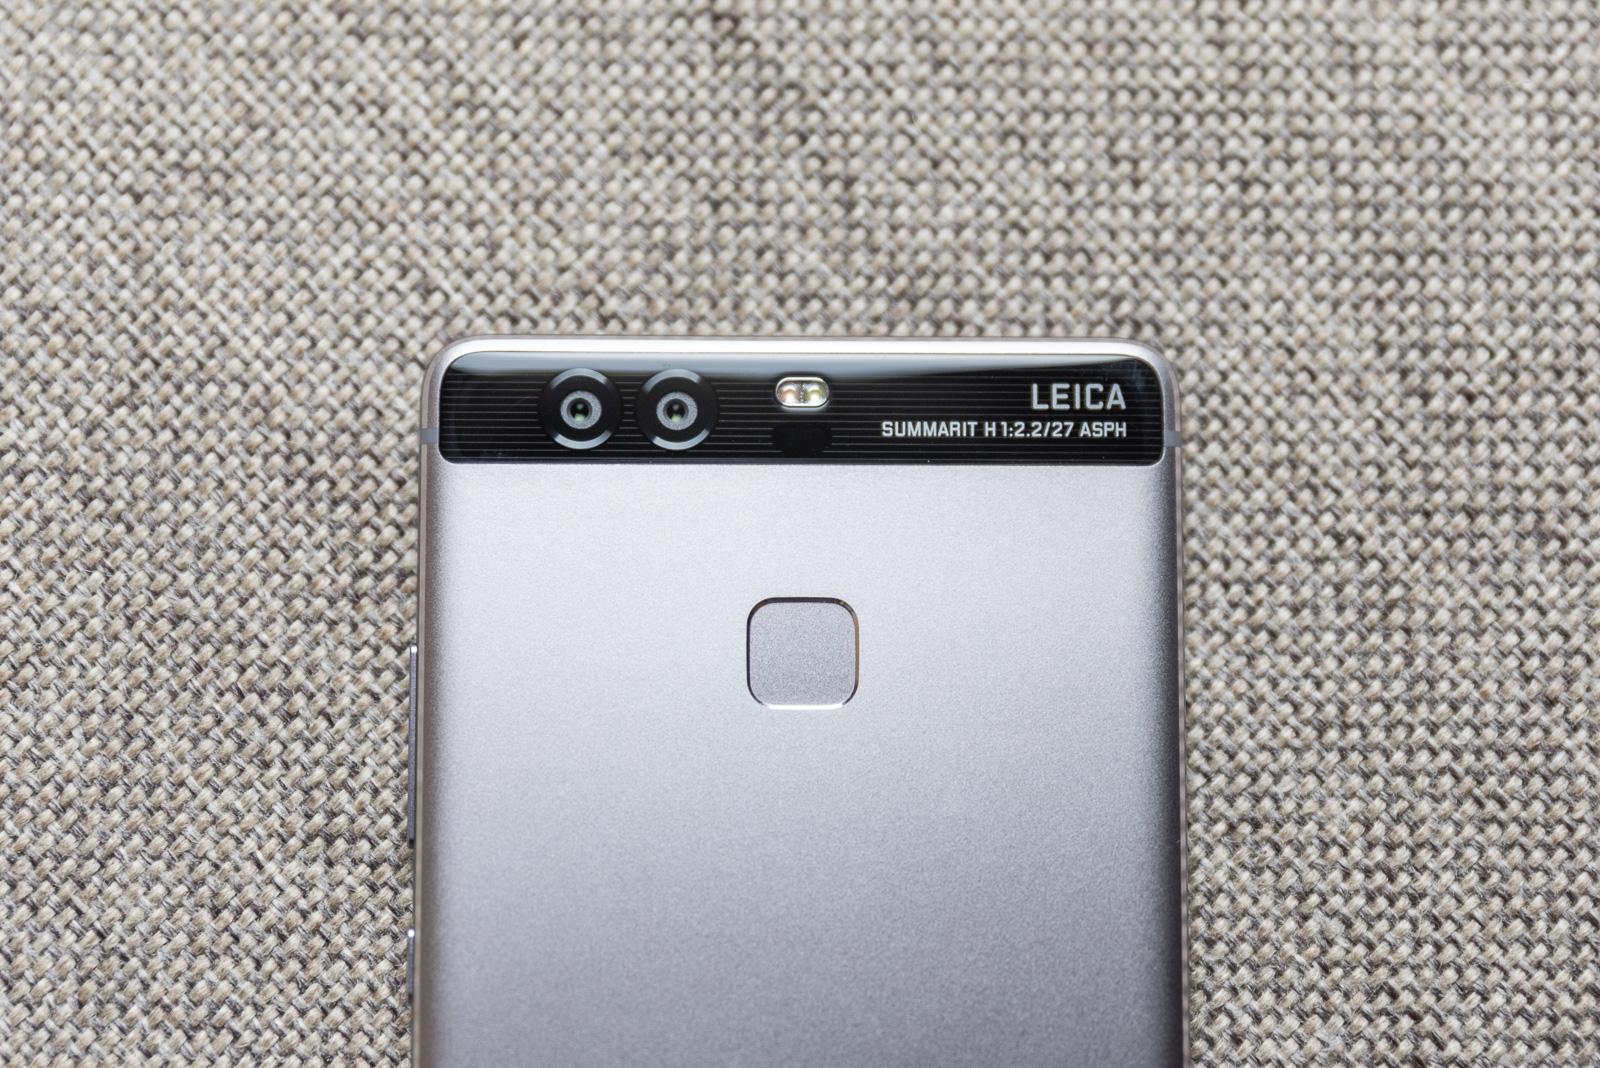 Możesz już pobrać Androida 7.0 Nougat na Huawei P9. Sprawdzamy, co nowego